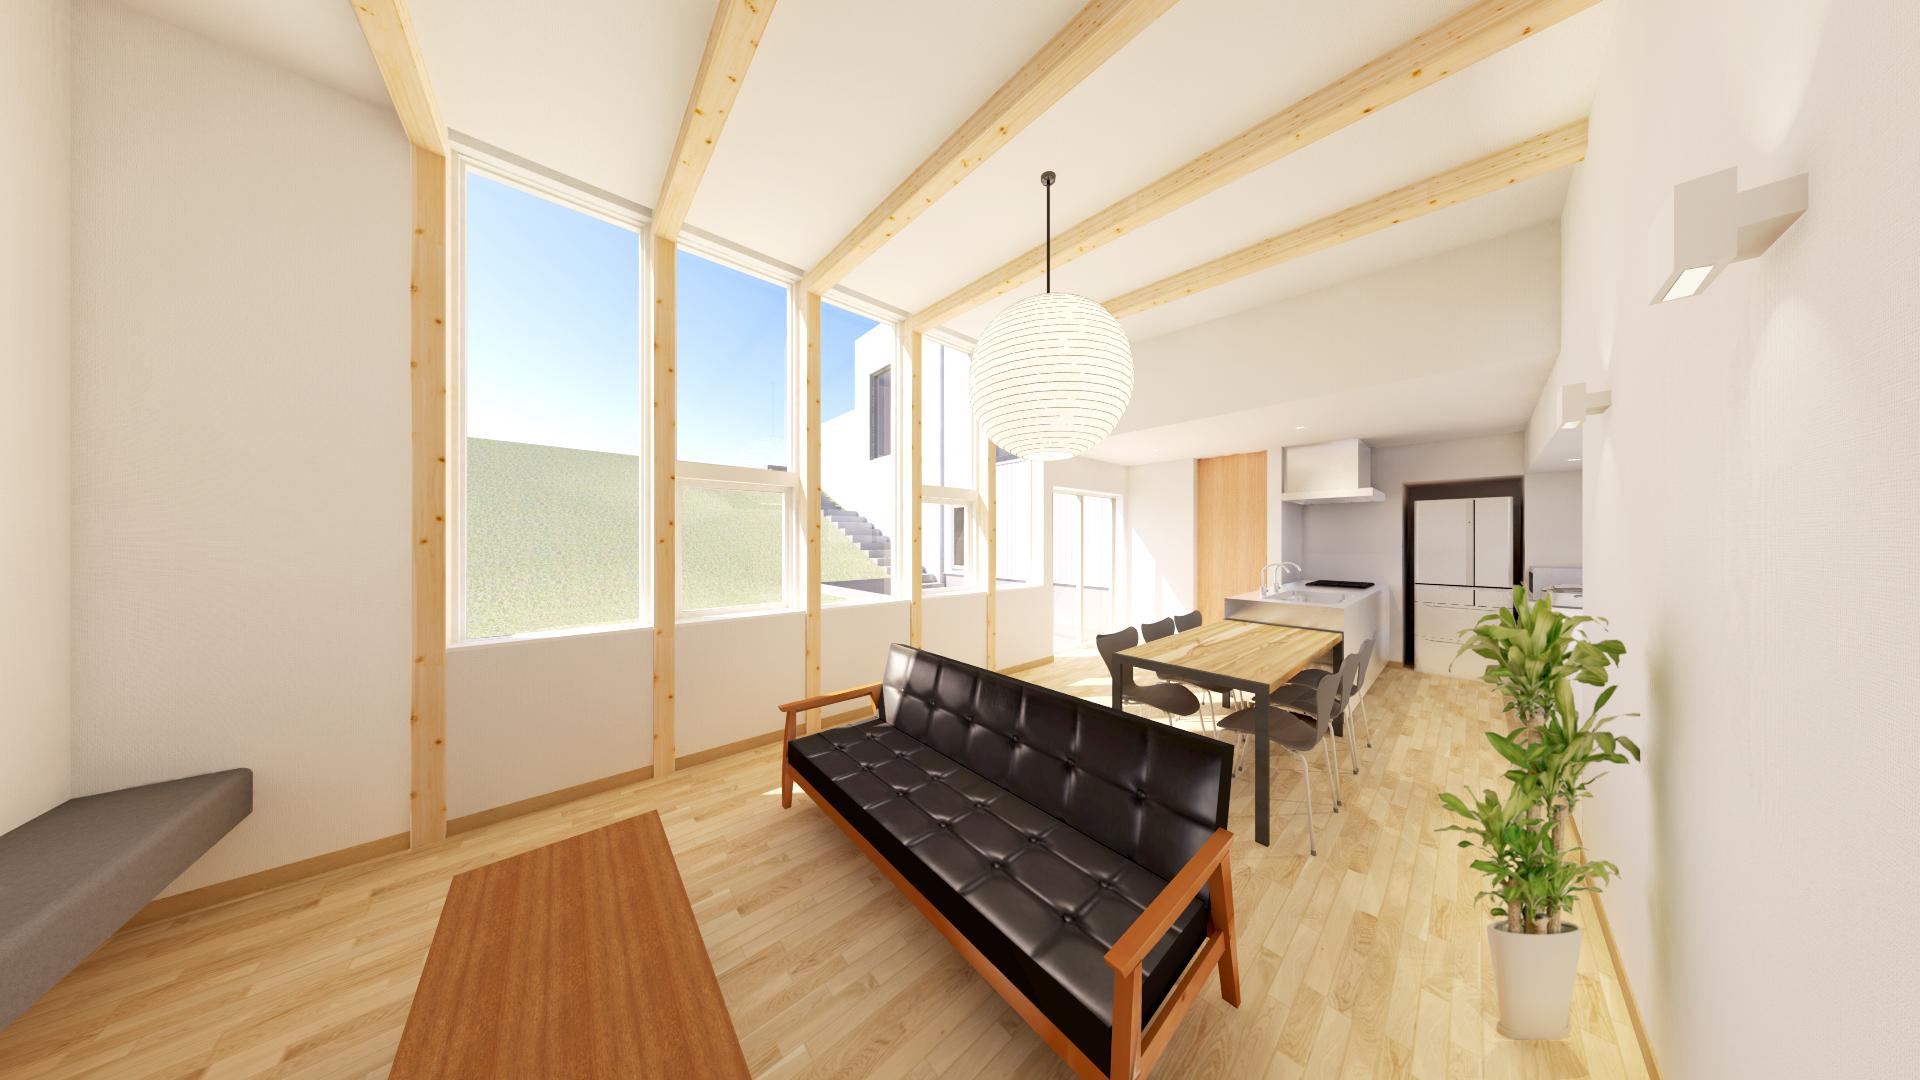 新潟市西区青山オープンハウス、下層のLDKからは上層へとあがる庭の景色を見ることができる。